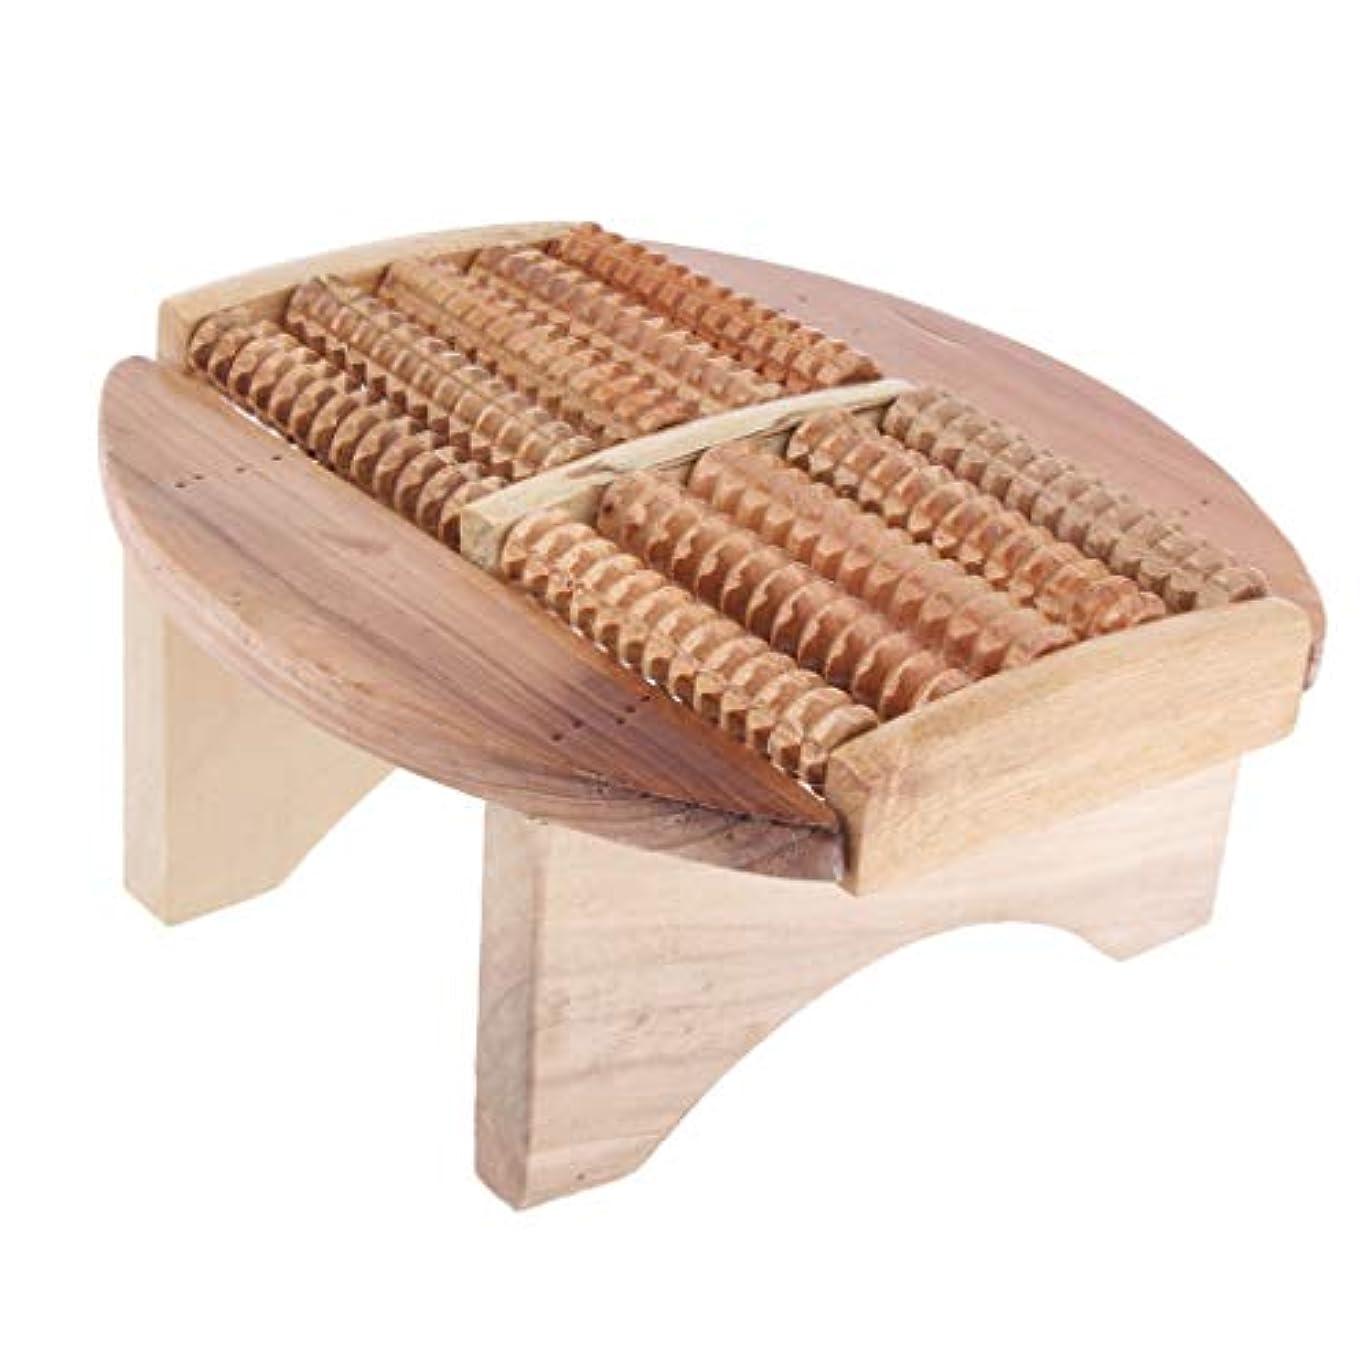 認識ペースレイプフットマッサージスツール 木製 足湯ステップ マッサージ スツール SPA